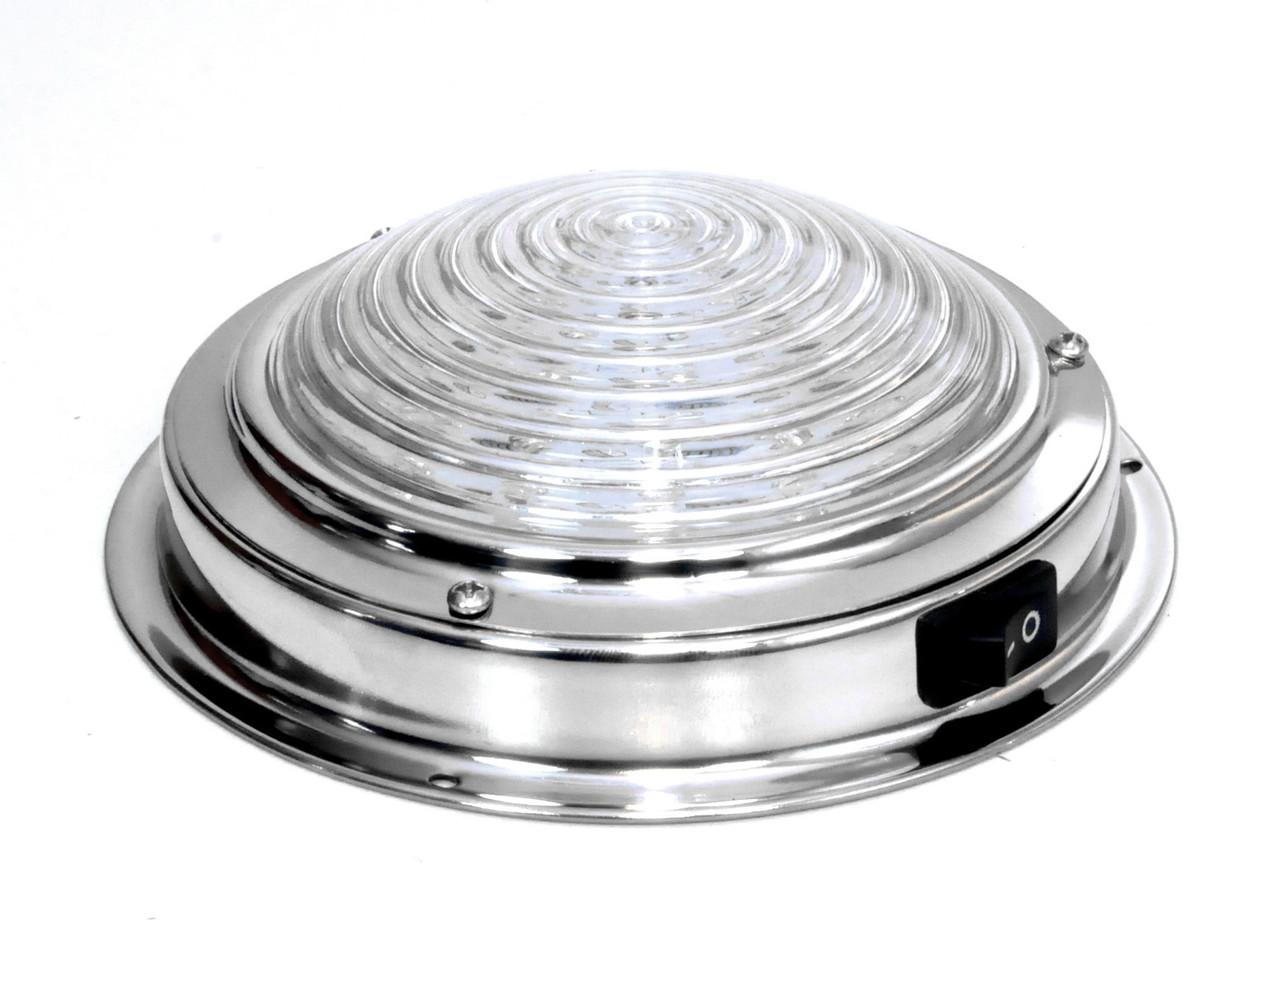 Светильник для каюты LED, 140мм нержавейка, 1005L